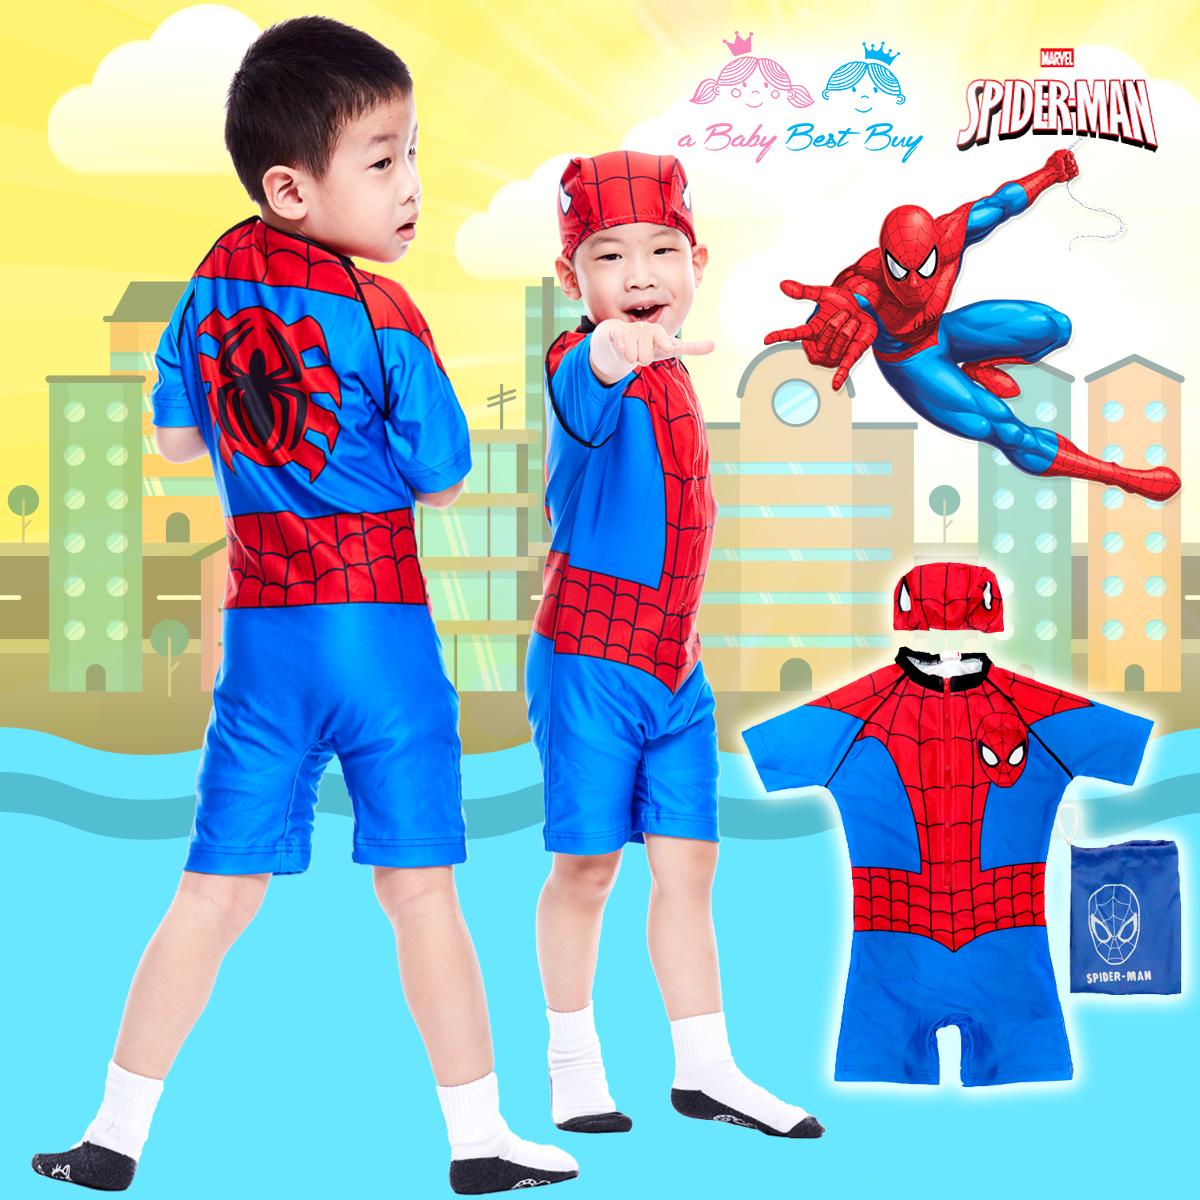 ( For Kids ) Swimsuit for Boy ชุดว่ายน้ำ เด็กผู้ชาย Spiderman บอดี้สูท กางเกงขาสั้น มาพร้อมหมวกว่ายน้ำและถุงผ้า สุดเท่ห์ ใส่สบาย ลิขสิทธิ์แท้